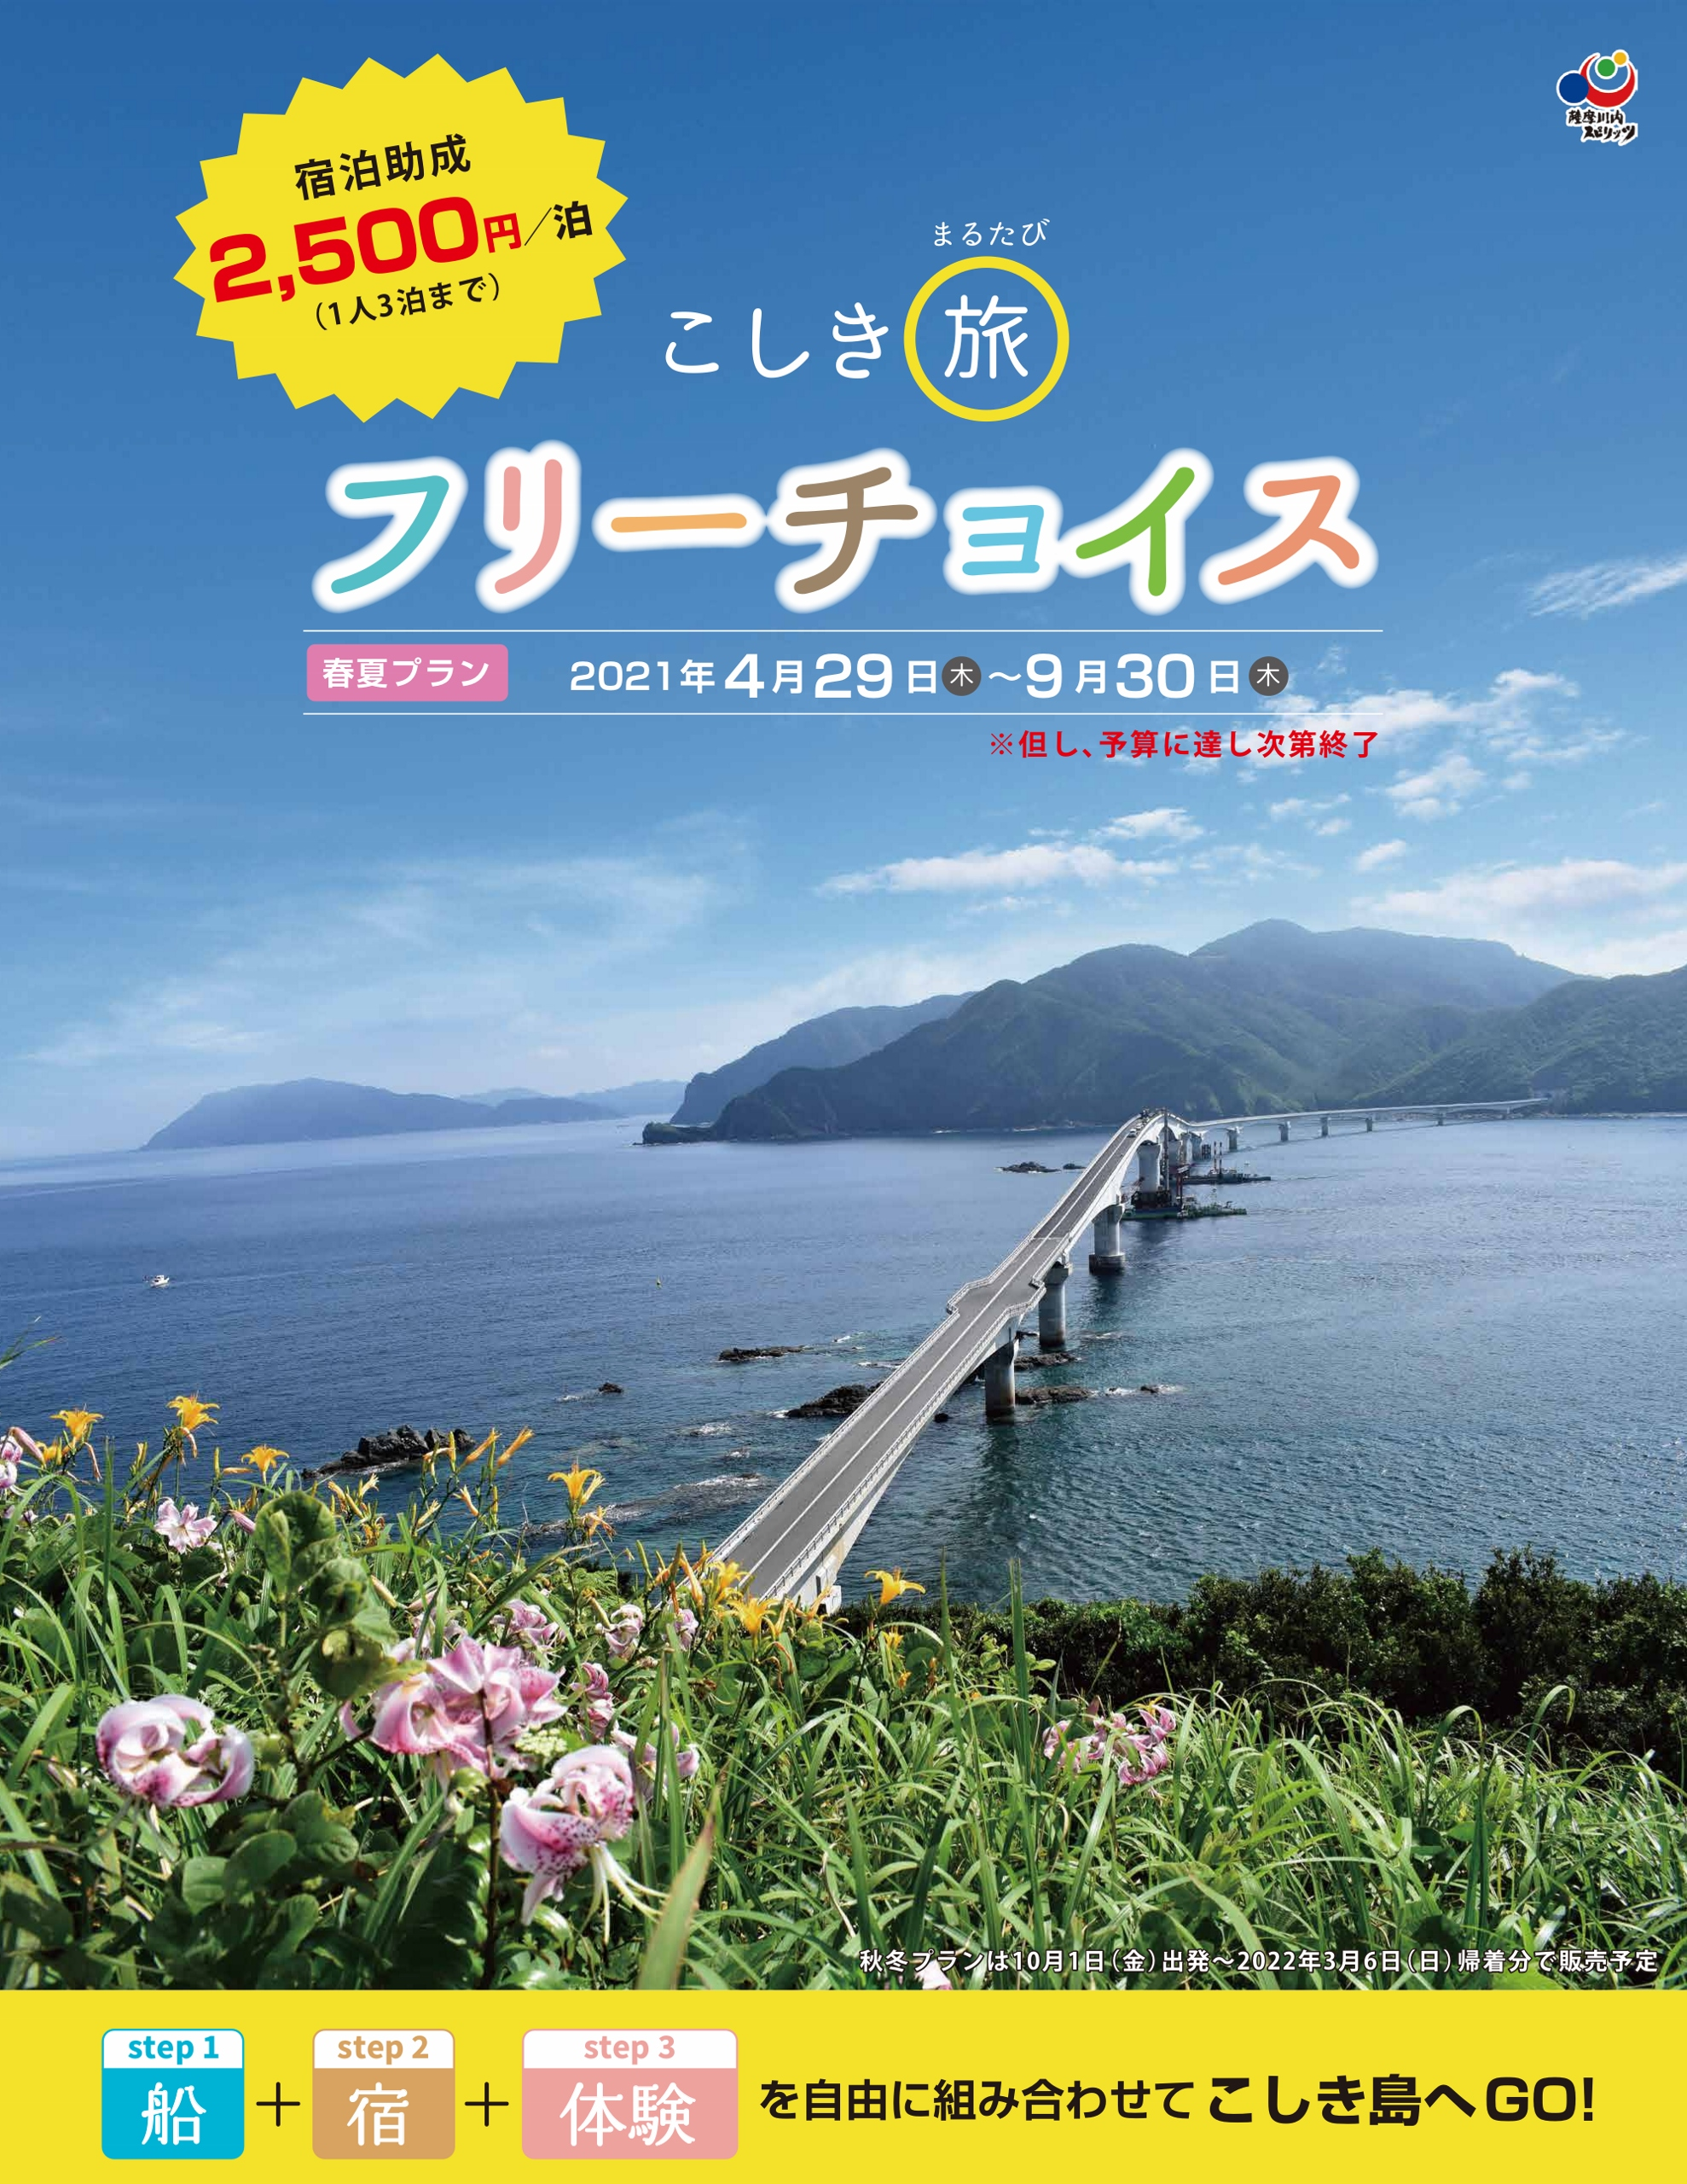 【4/22販売開始】こしき島の魅力を選んでお得な旅を!「こしきまる旅フリーチョイス」